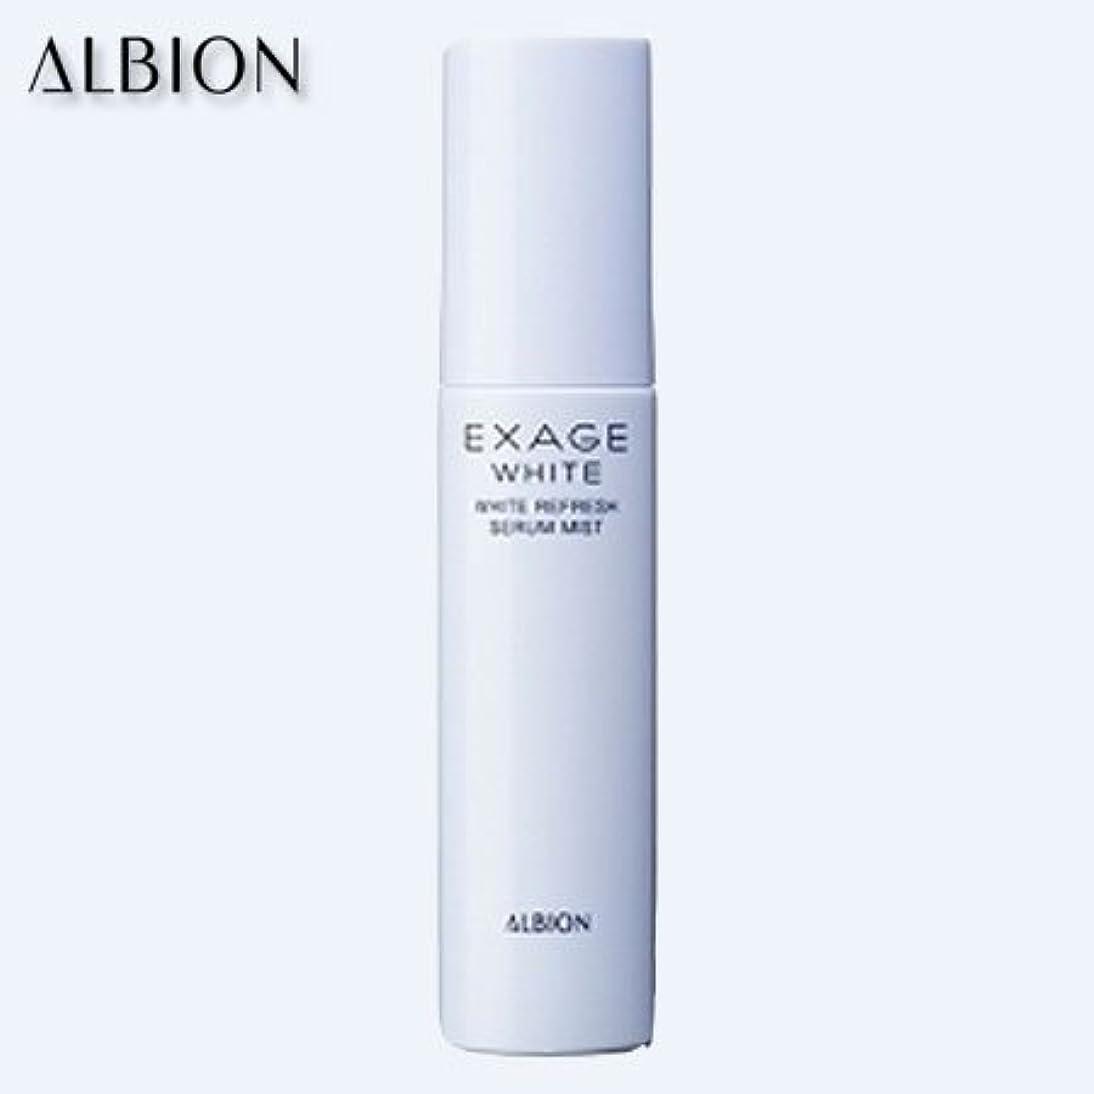 補体楽しませる才能のあるアルビオン エクサージュホワイト ホワイトリフレッシュ セラムミスト 60ml-ALBION-